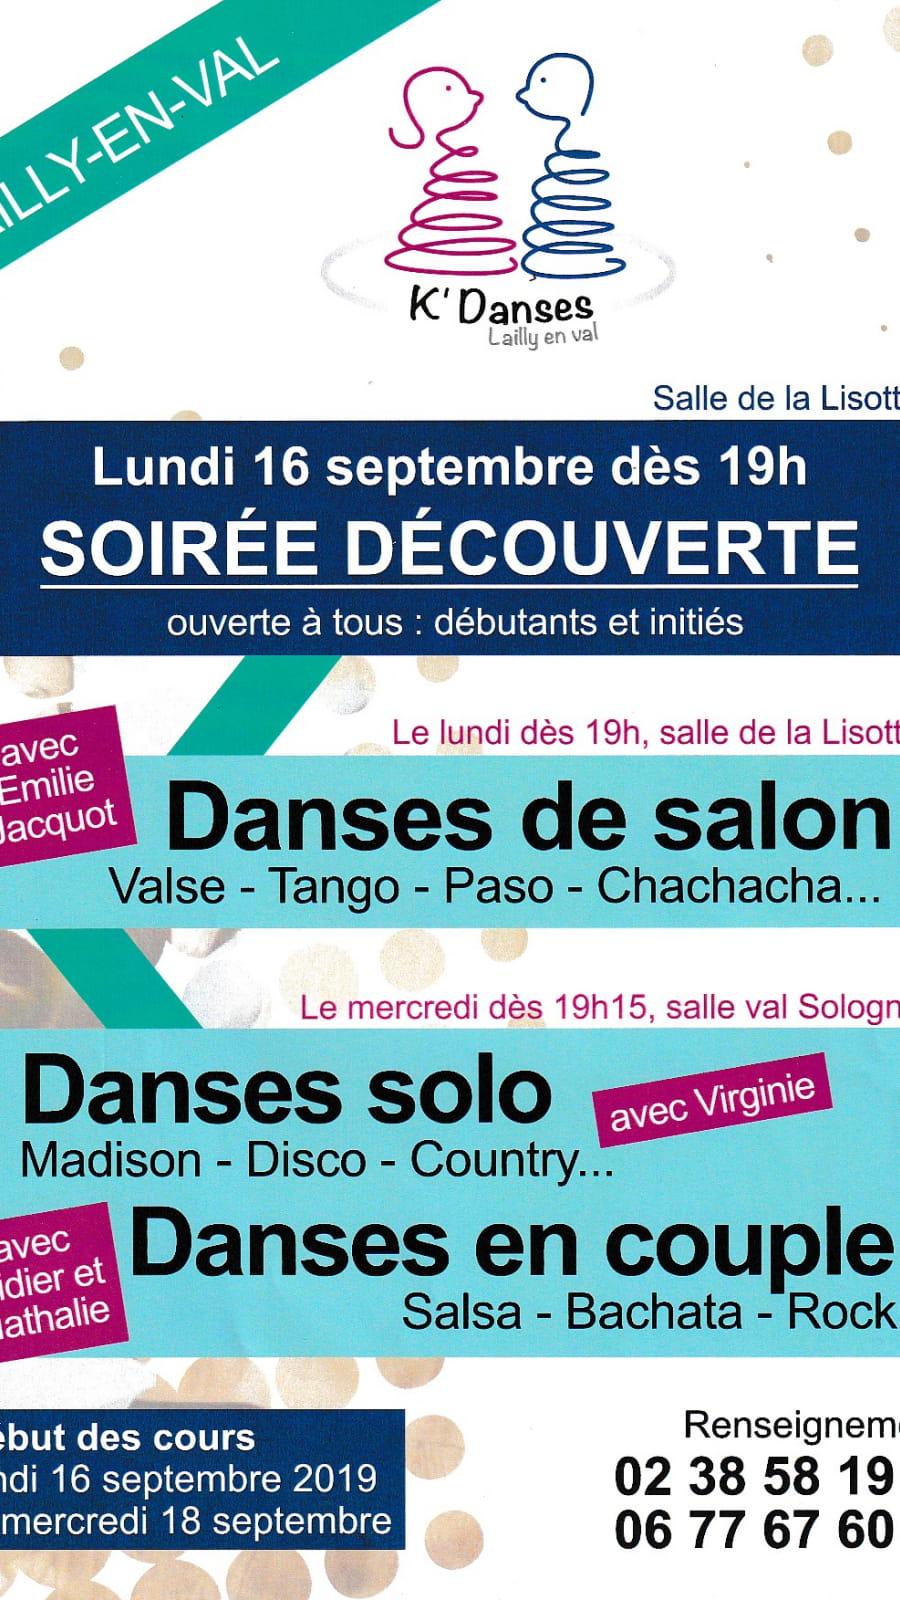 Soirée découverte de danses le lundi 1 septembre à Lailly-en-Val